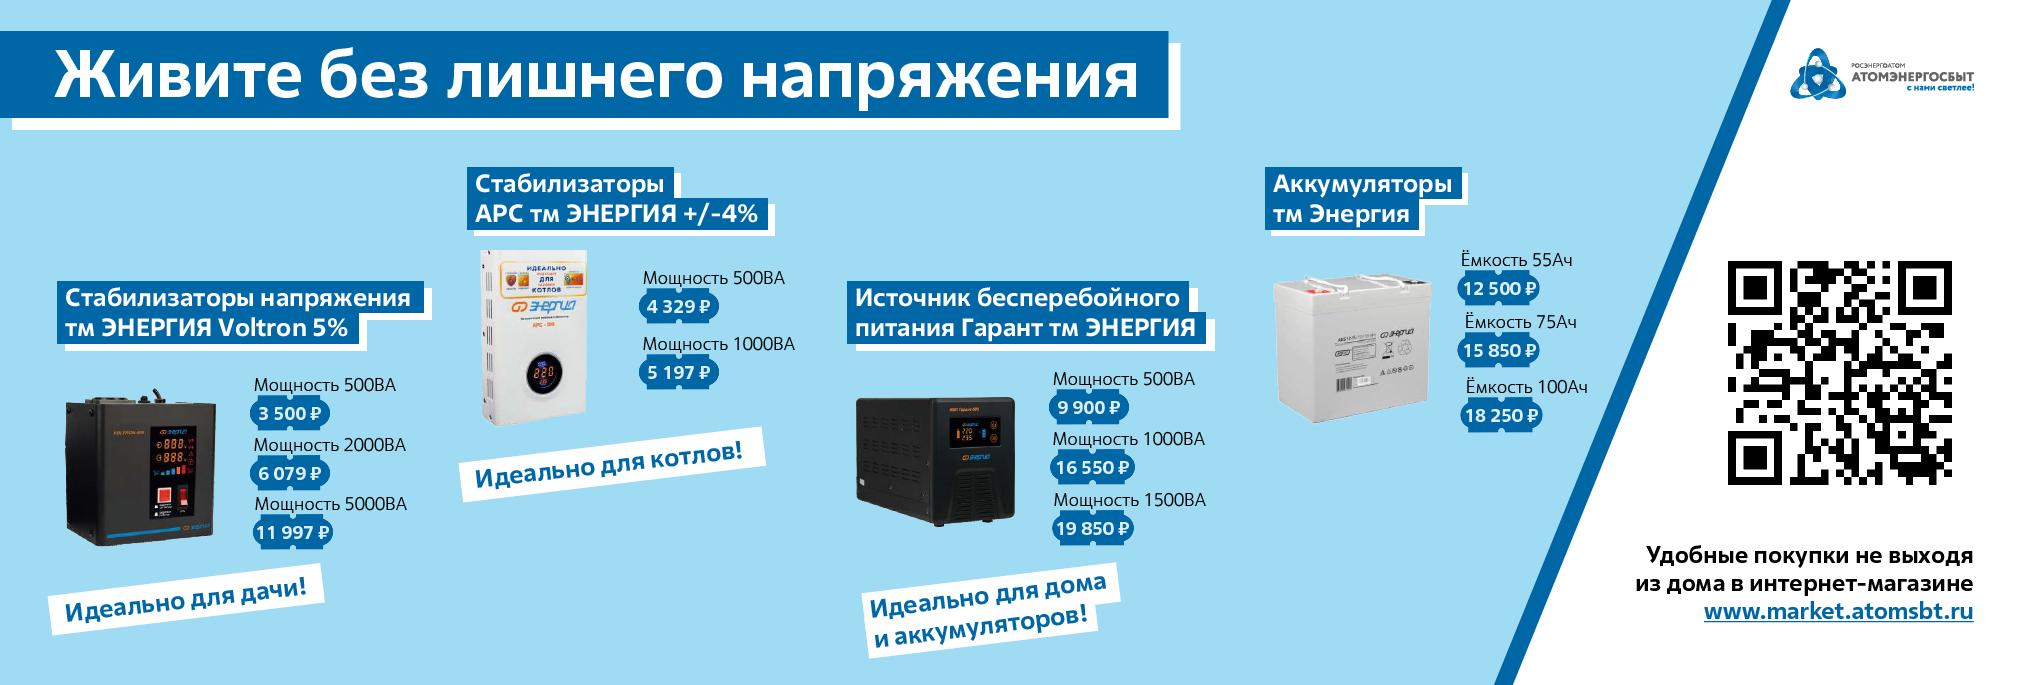 Стабилизаторы - Тверь 07.08.2020